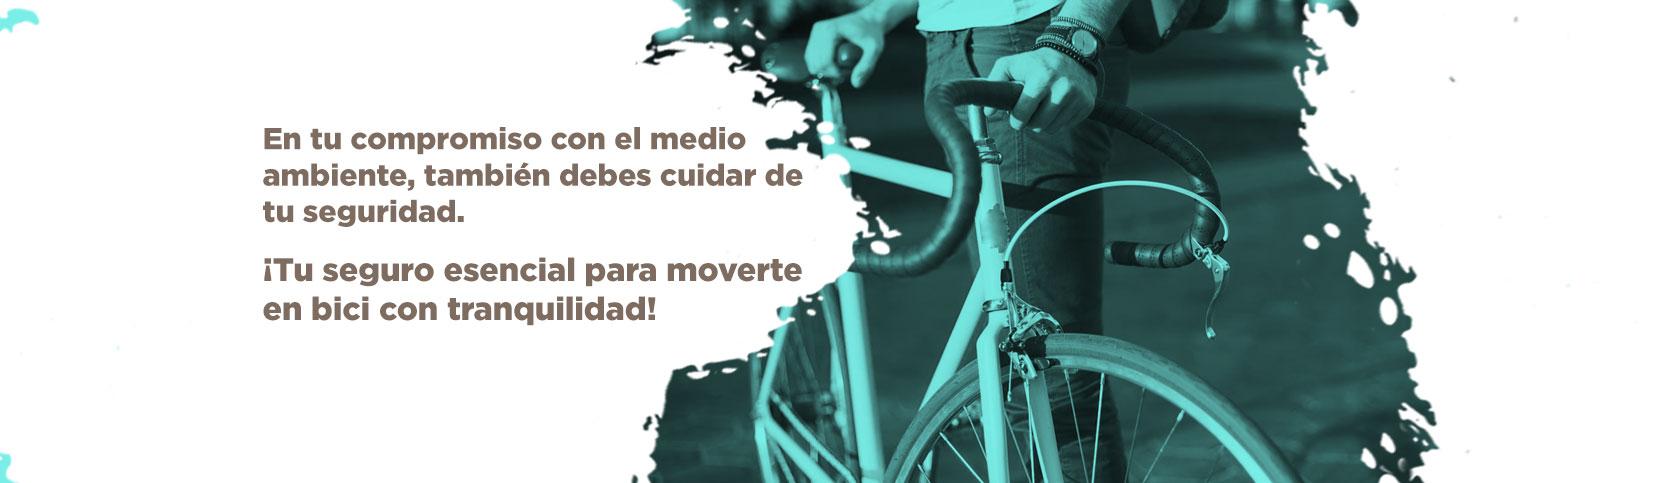 Tu seguro esencial para moverte en bici.